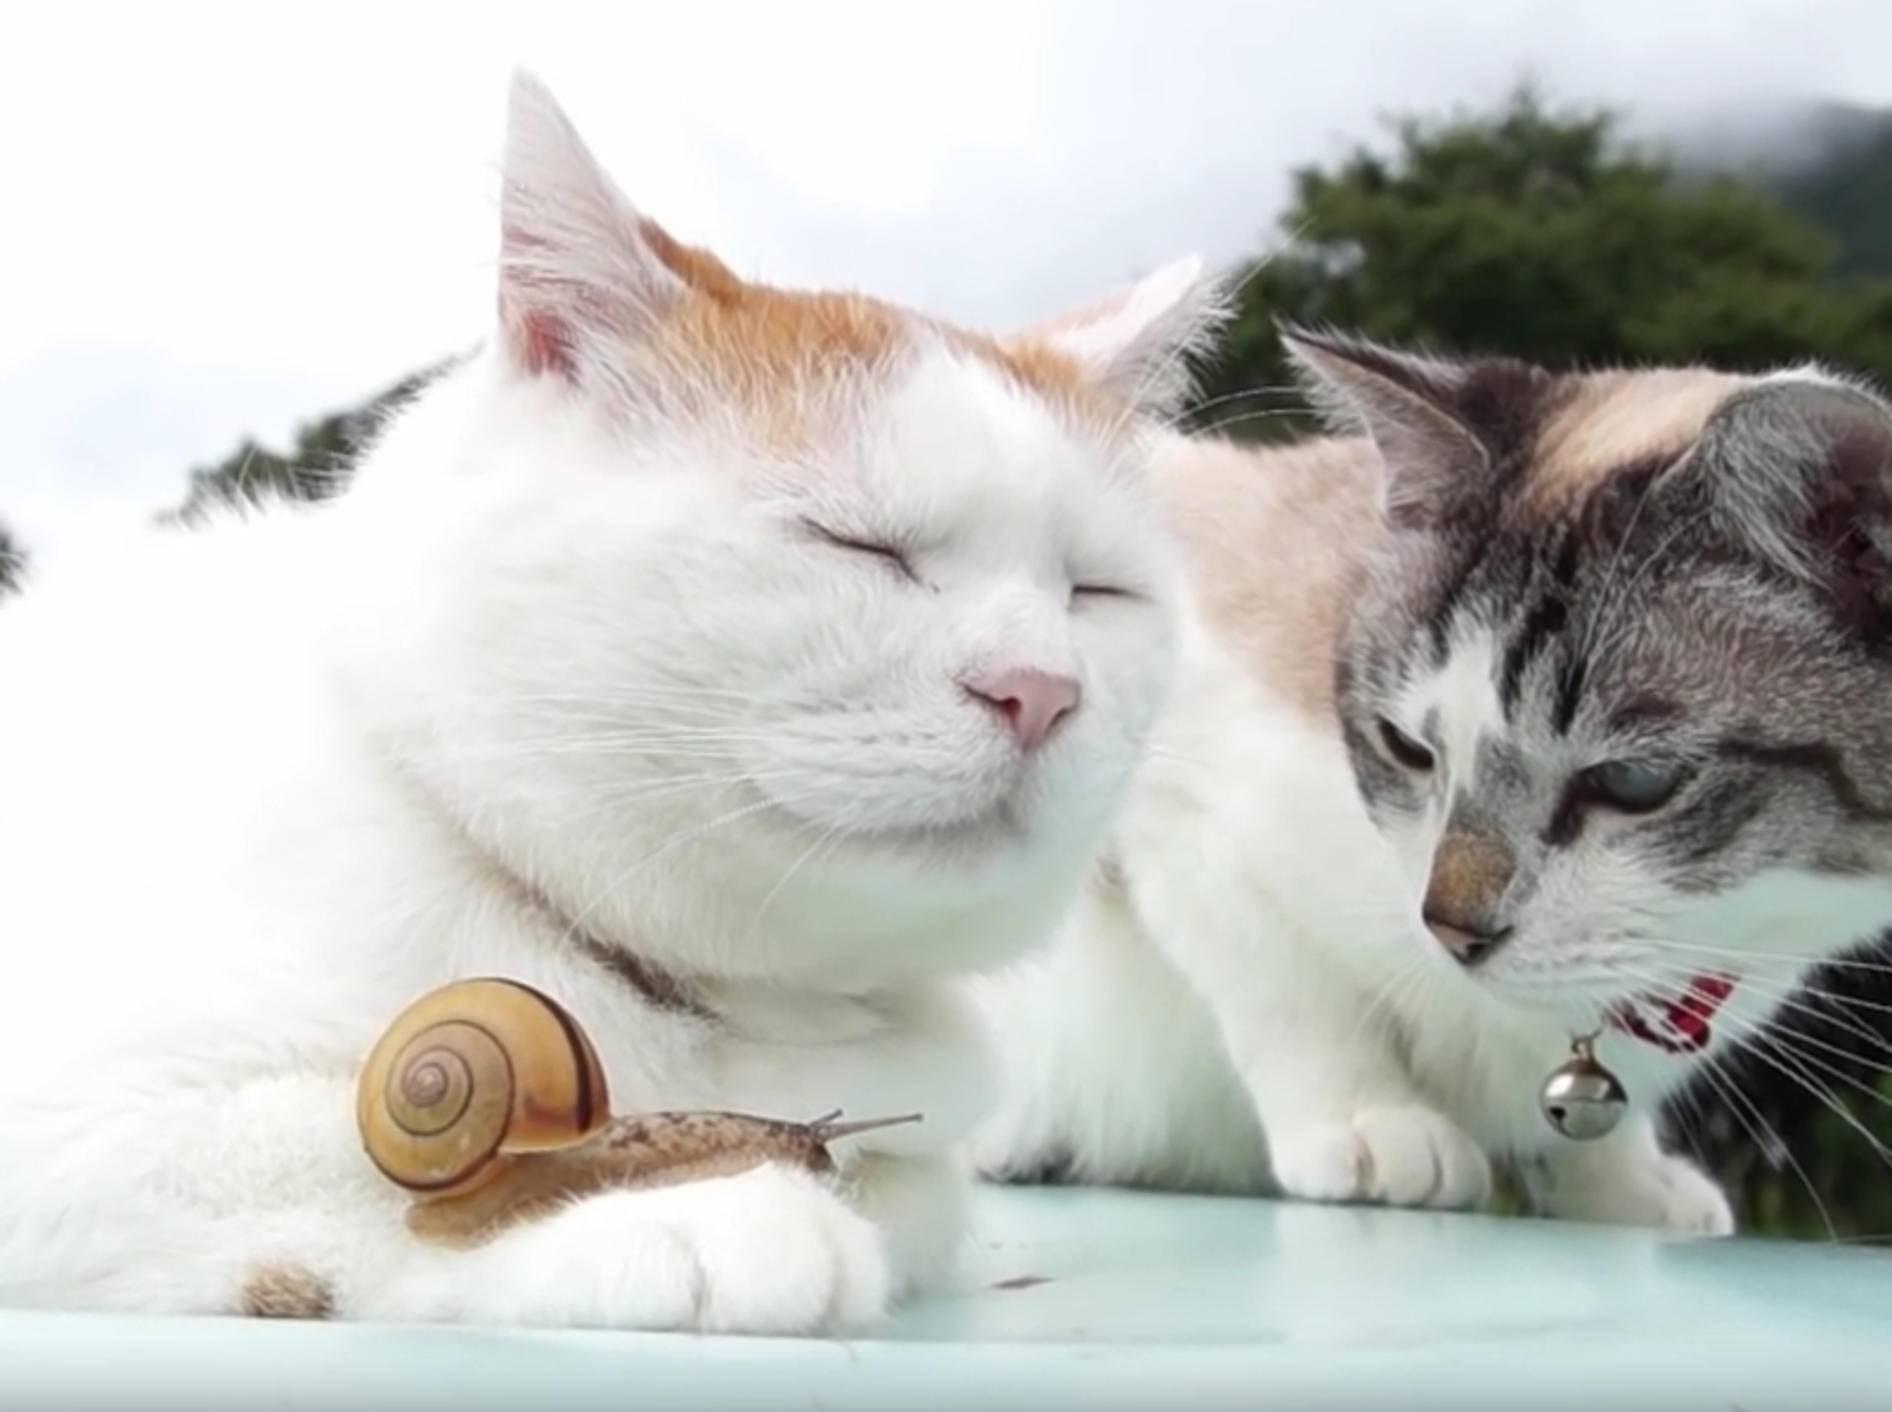 Freundschaft kennt keine Grenzen: Katze knuddelt Schnecke – Bild: YouTube / かご猫 Blog